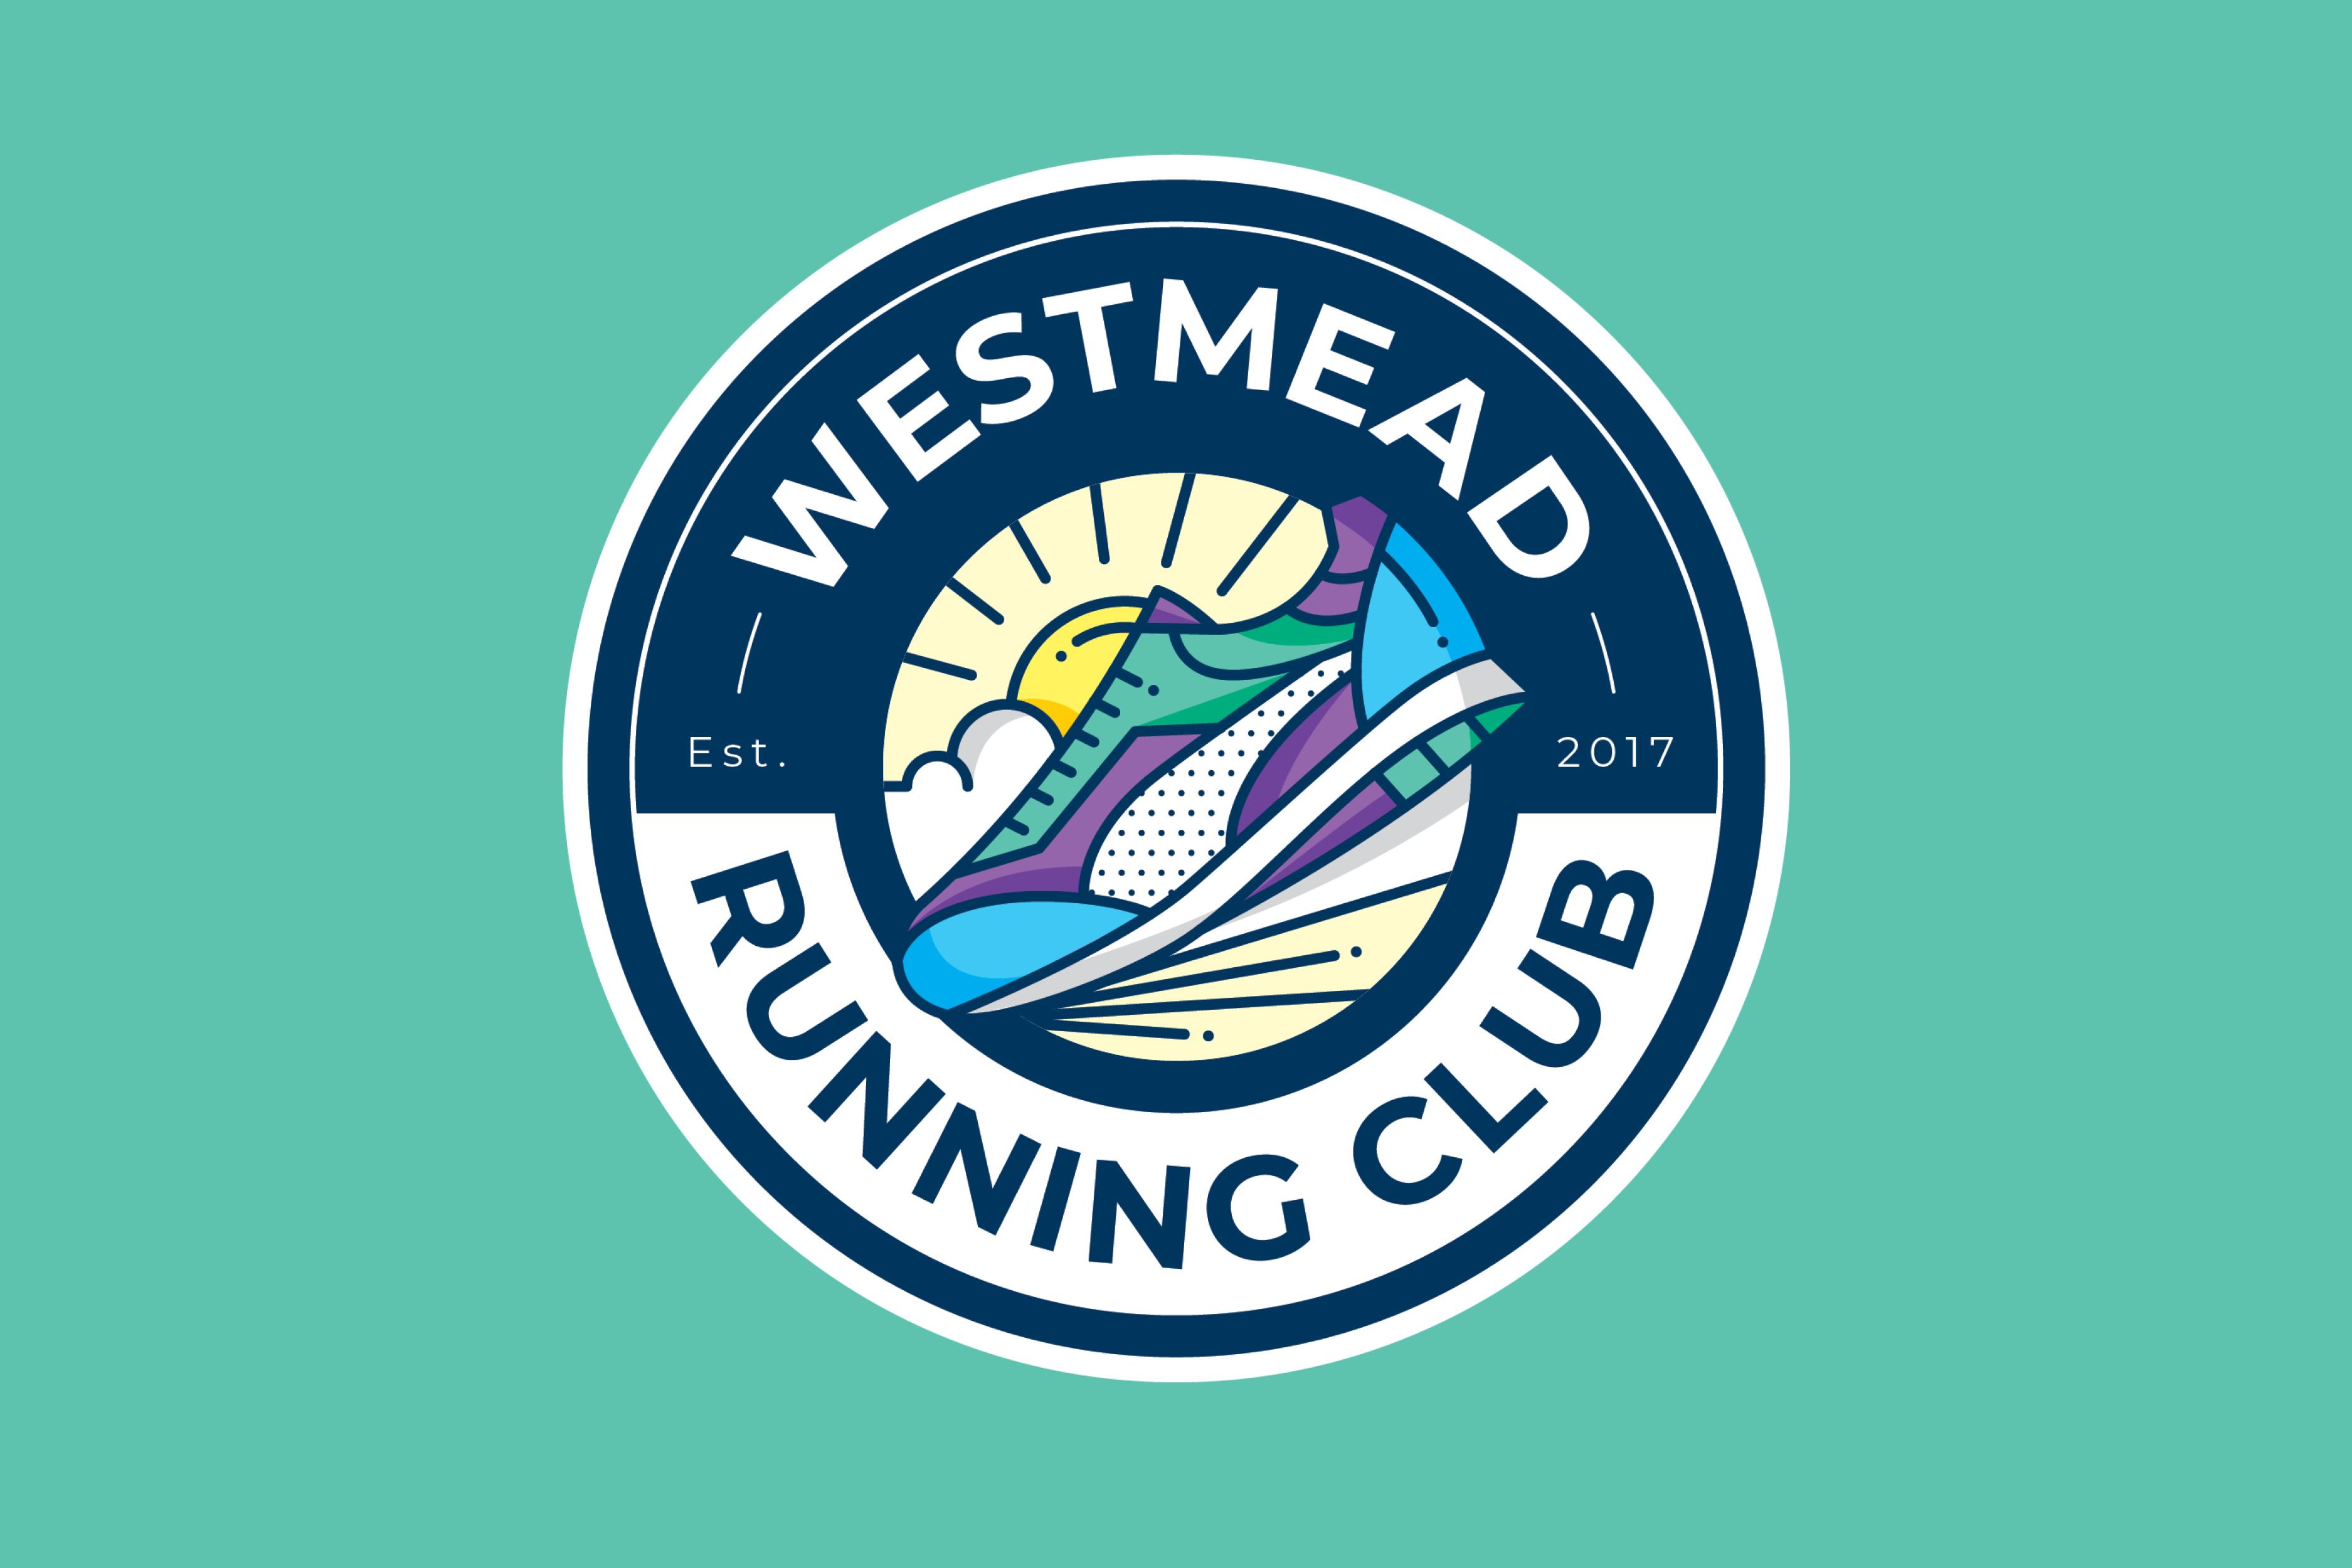 Westmead Running Club